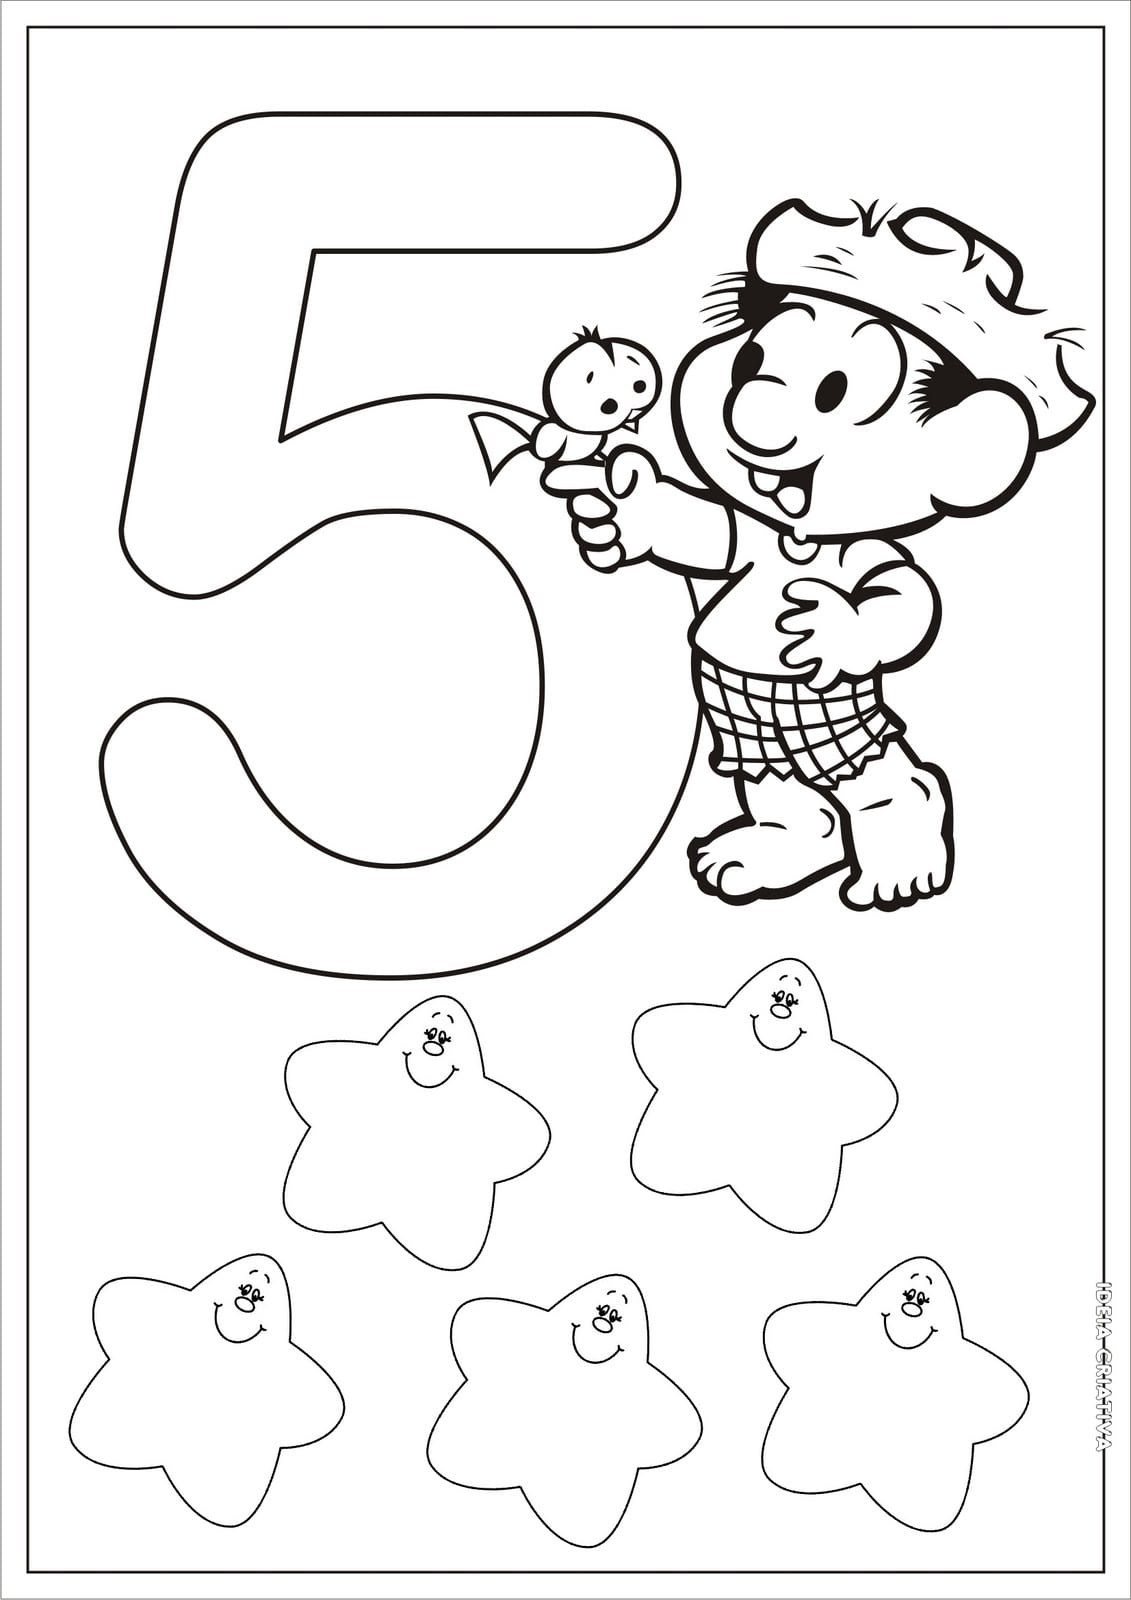 Desenho De Números Para Colorir